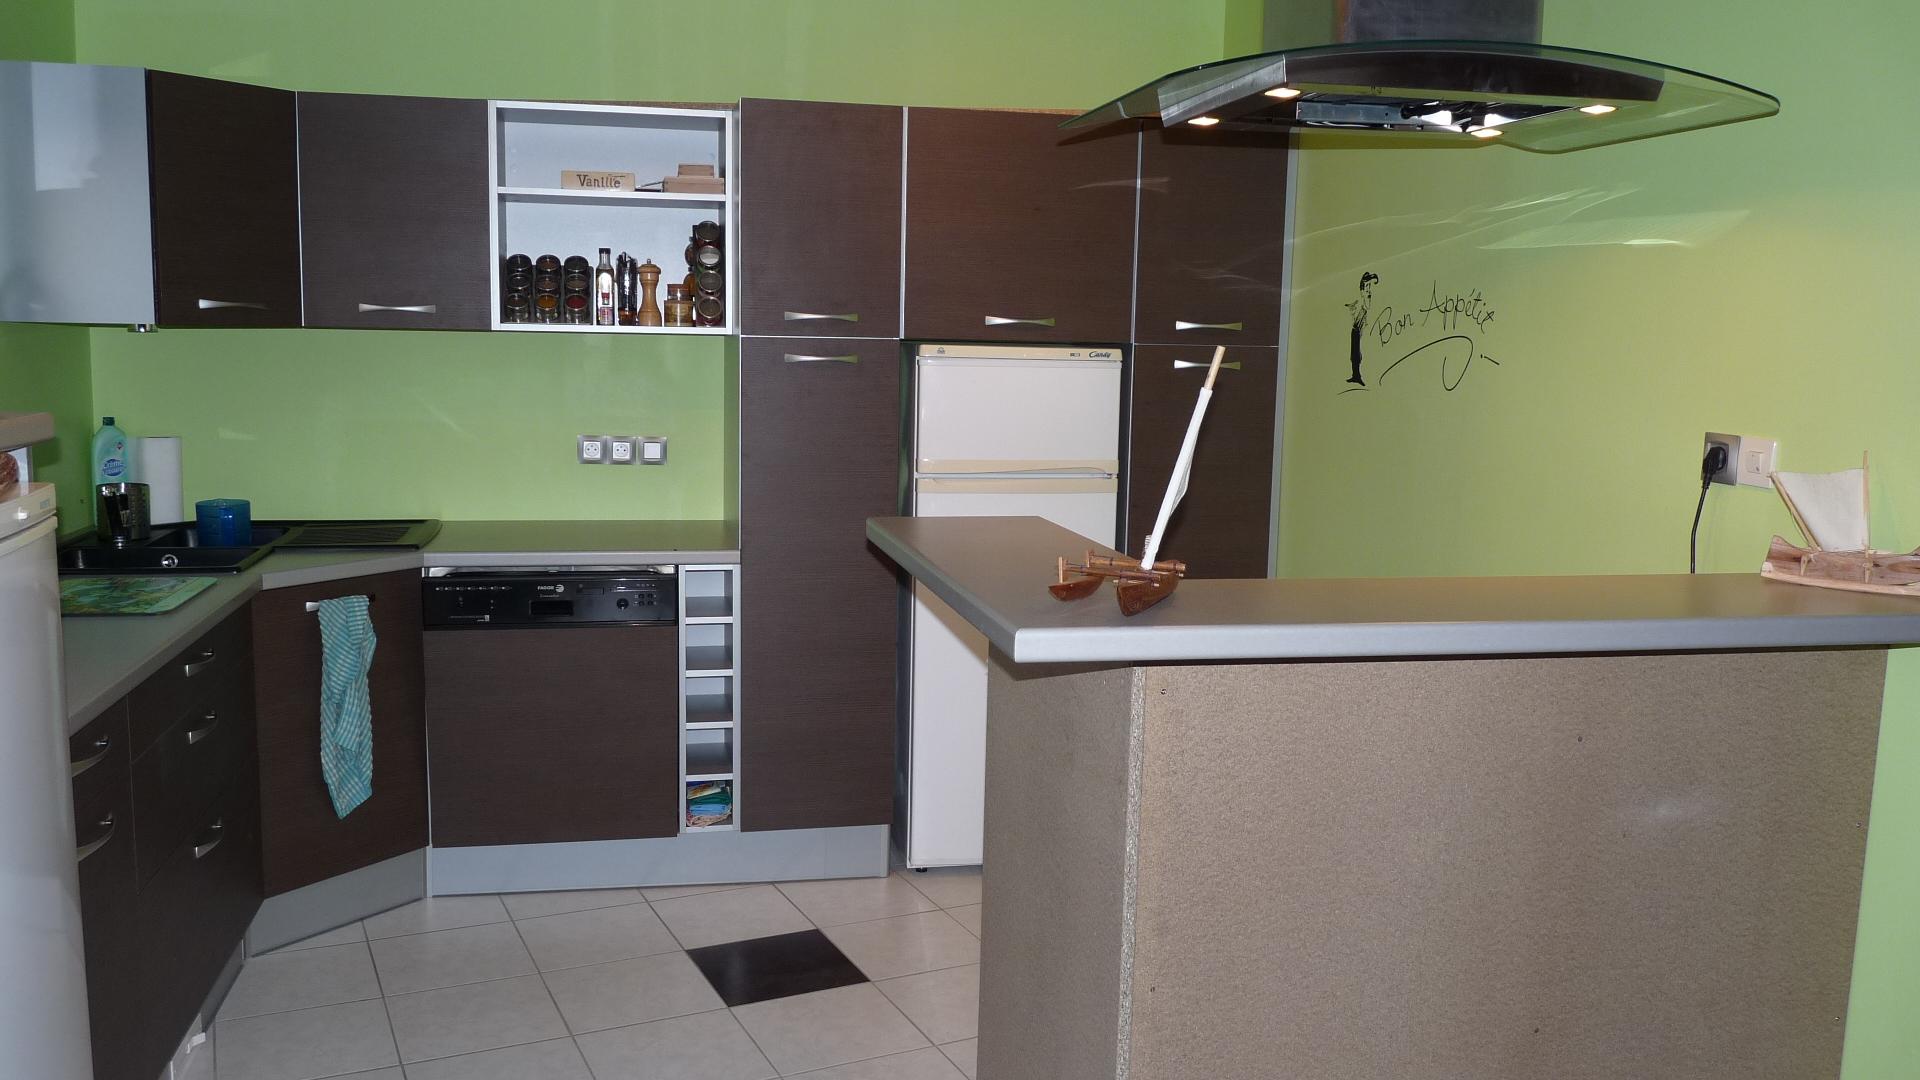 2009 septembre l ostal de ninette for Cuisine avec plaque de cuisson en angle